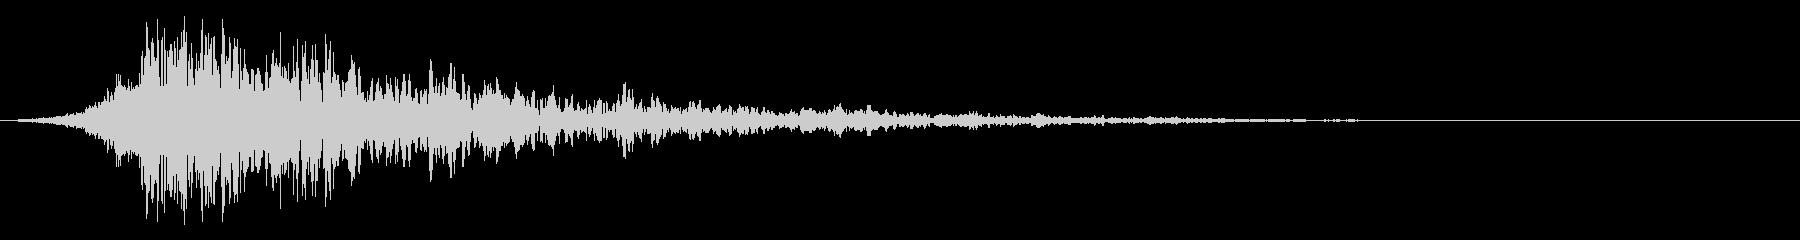 シュードーン-47-2(インパクト音)の未再生の波形